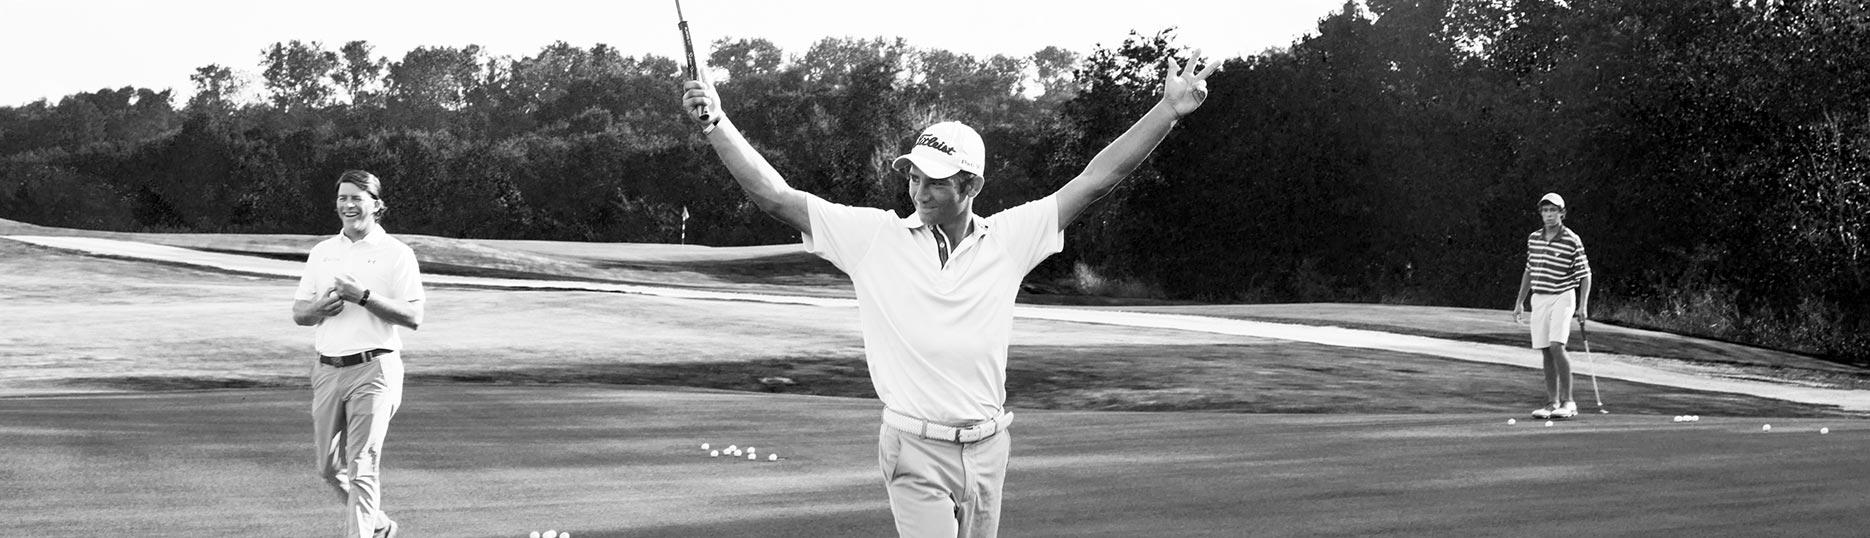 victoire-golf-altus-performance-golf-paris